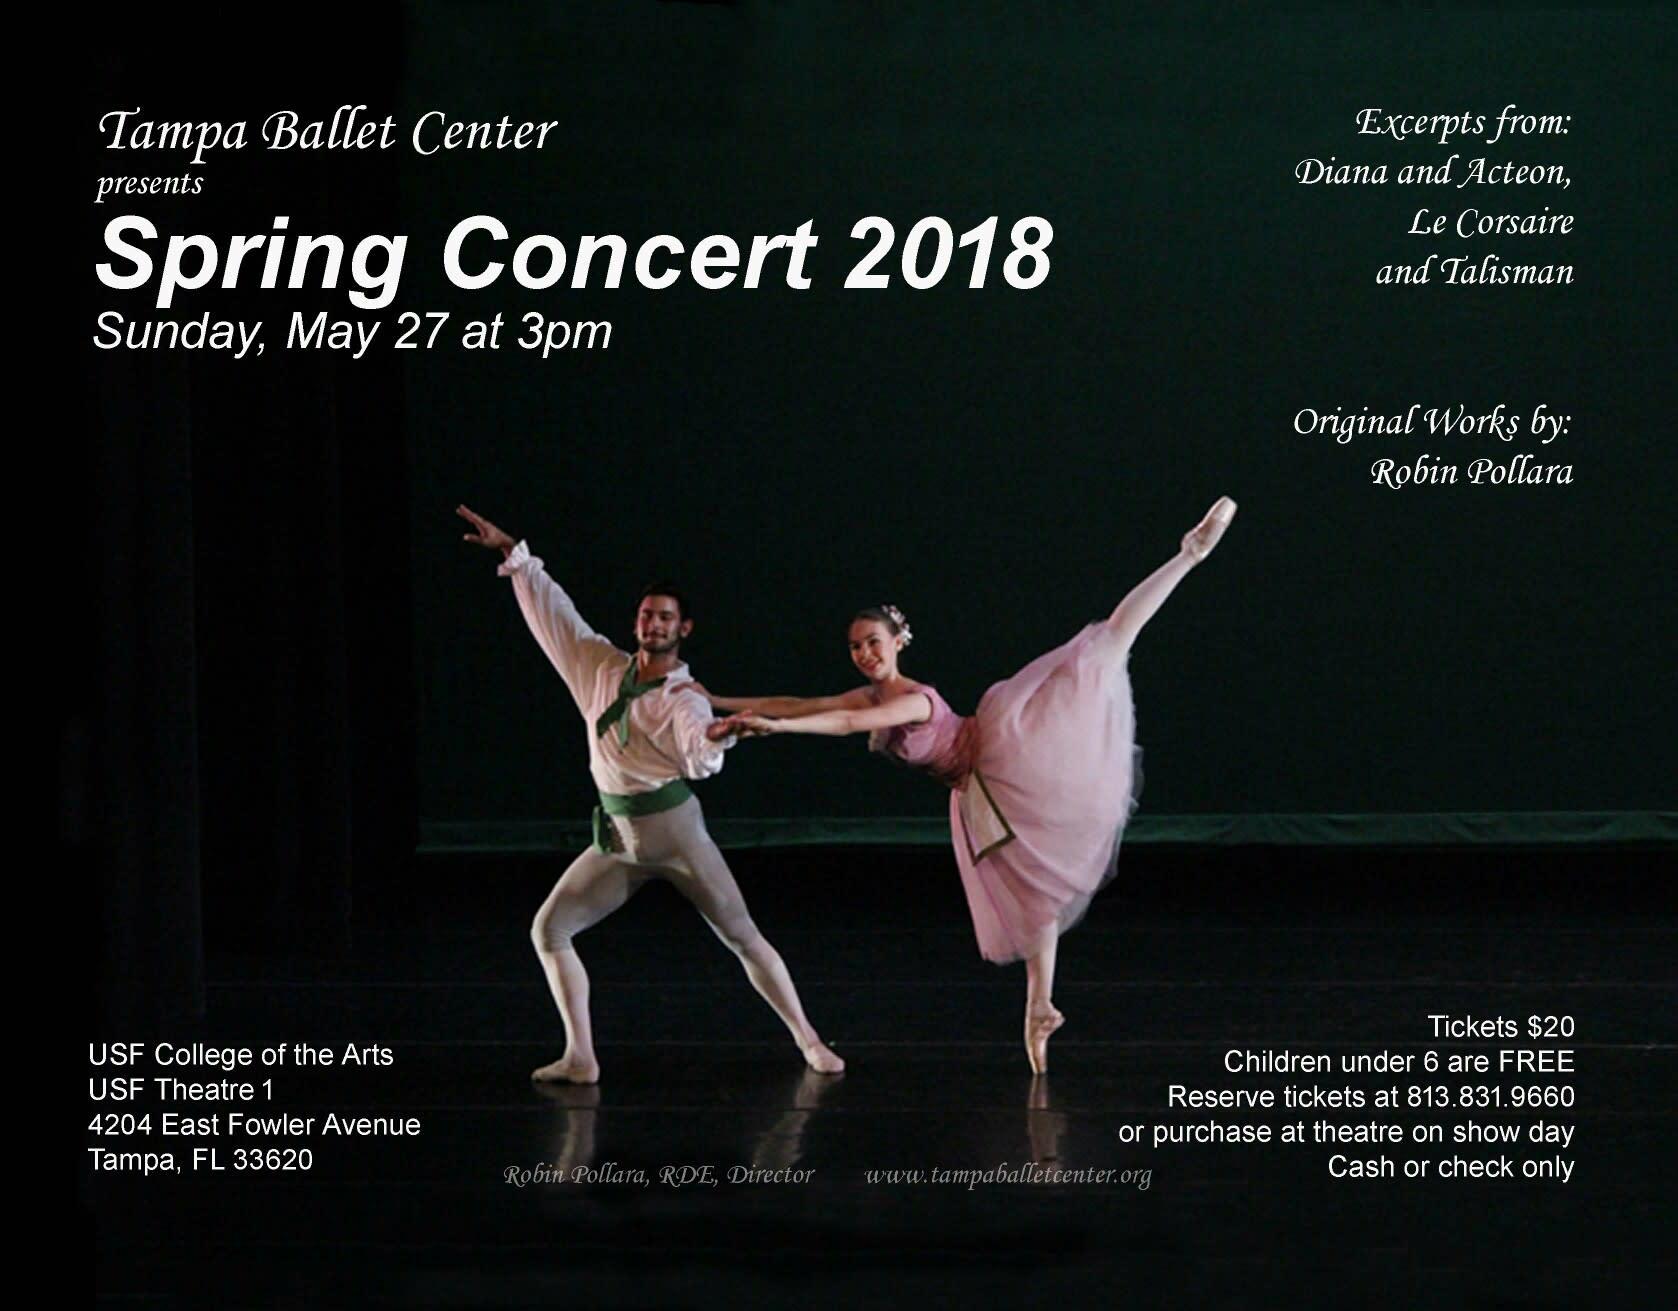 Tampa Ballet Center Spring Concert